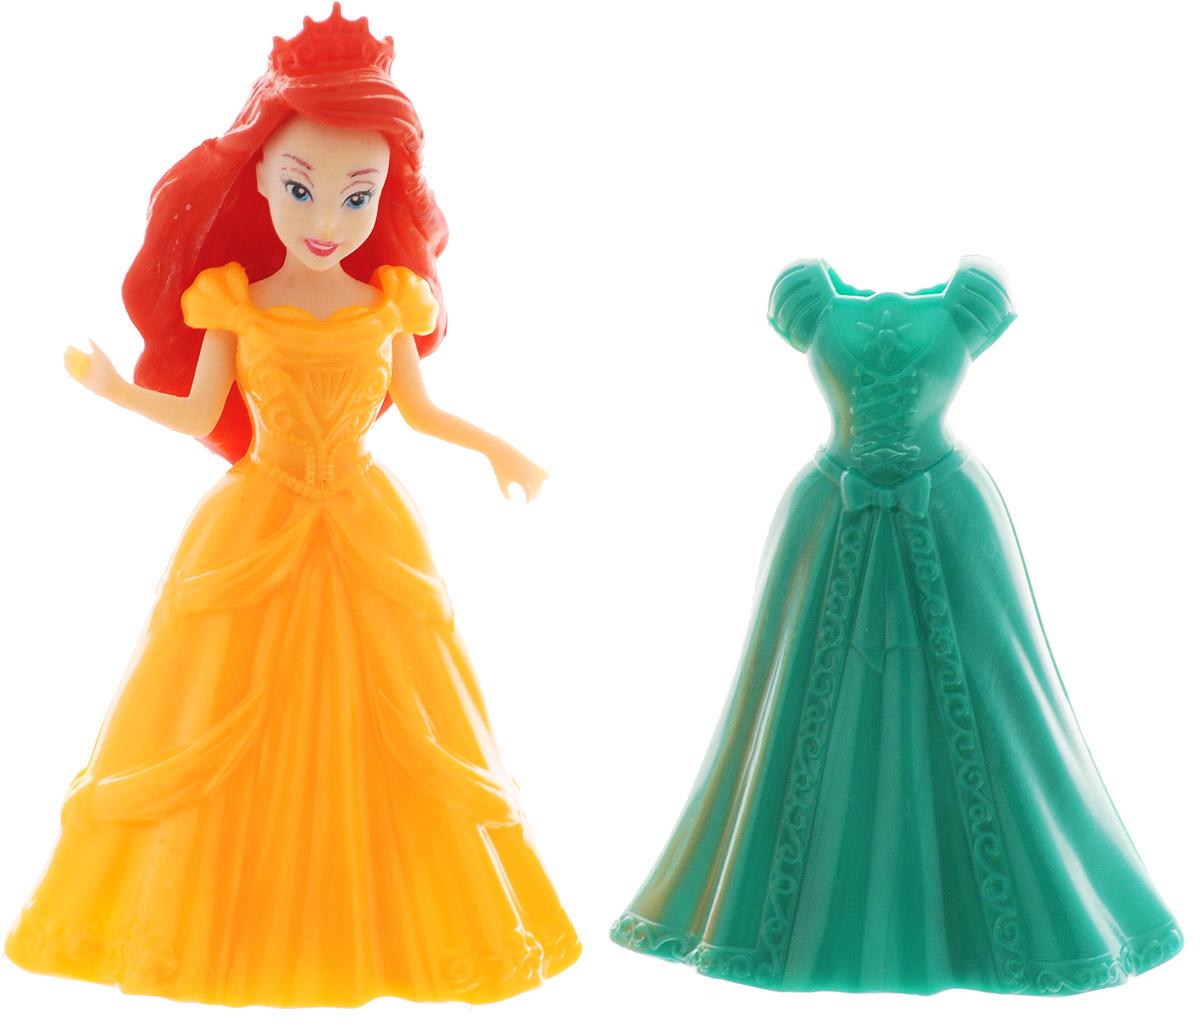 1TOY Мини-кукла Красотка цвет платья оранжевый зеленый 1toy с мебелью 187 деталей красотка